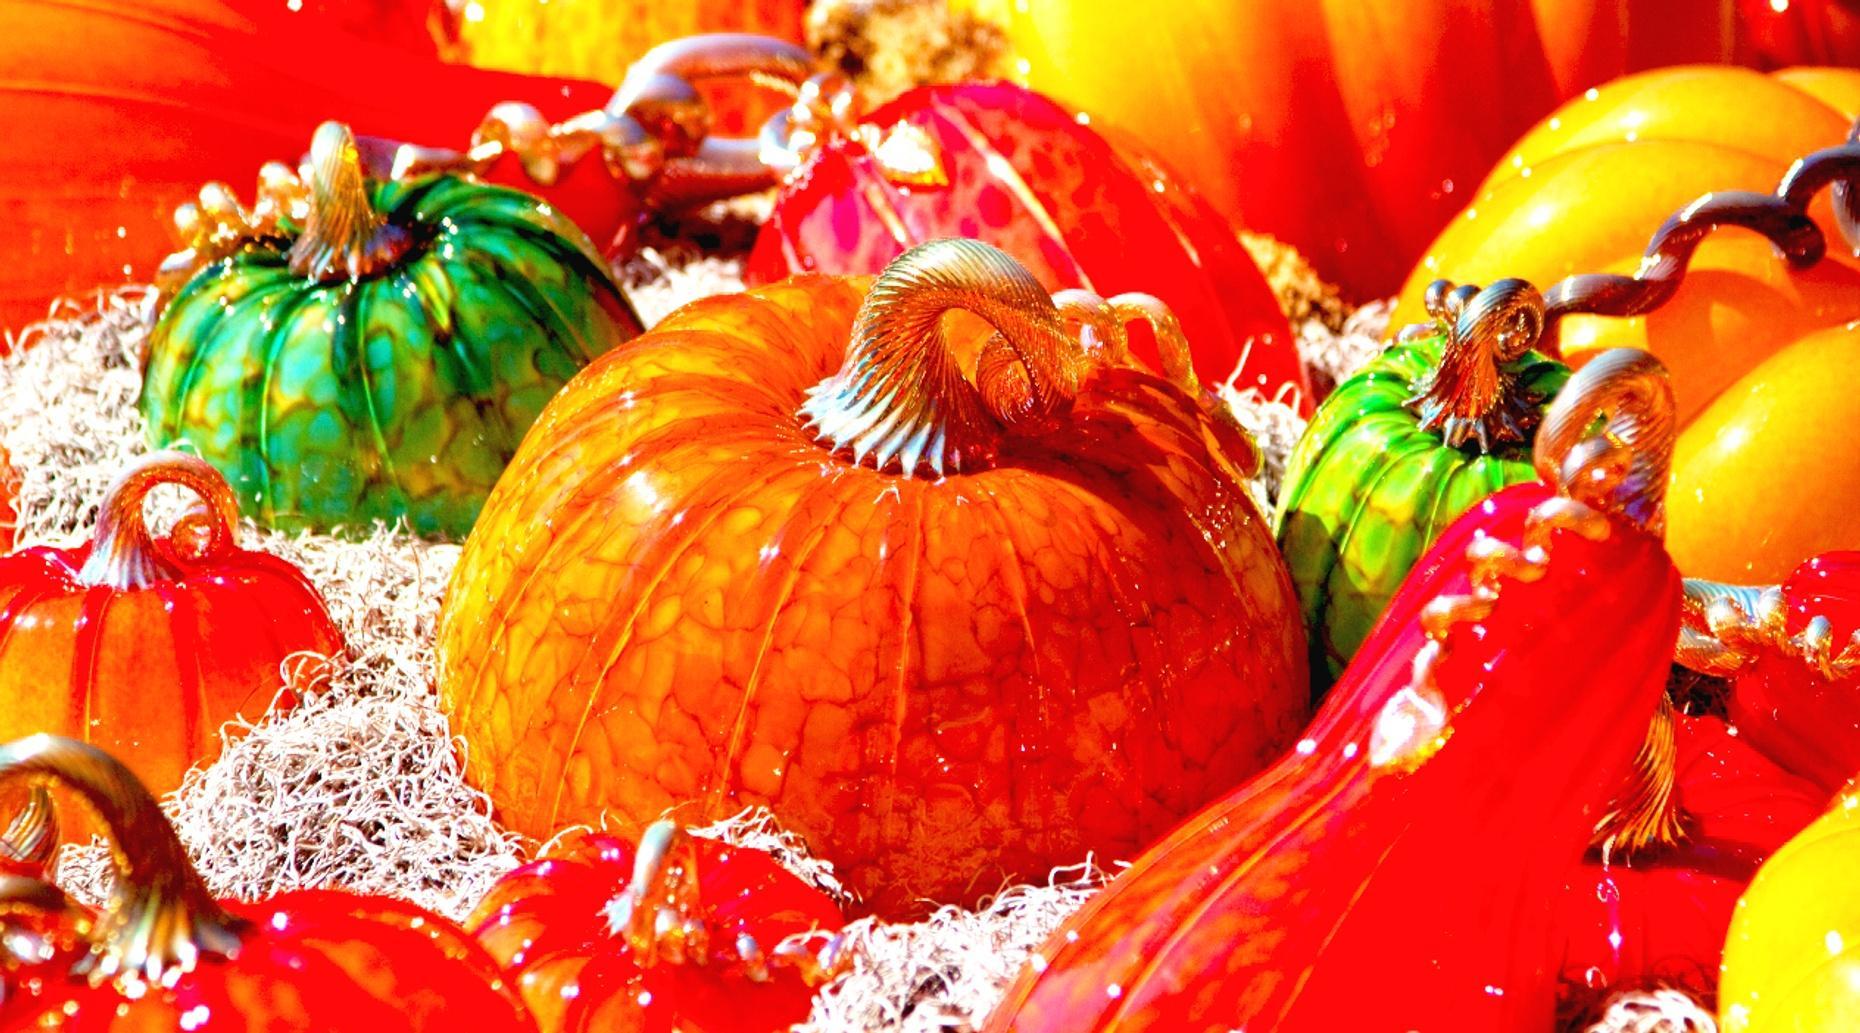 Make Your Own Glass Pumpkin